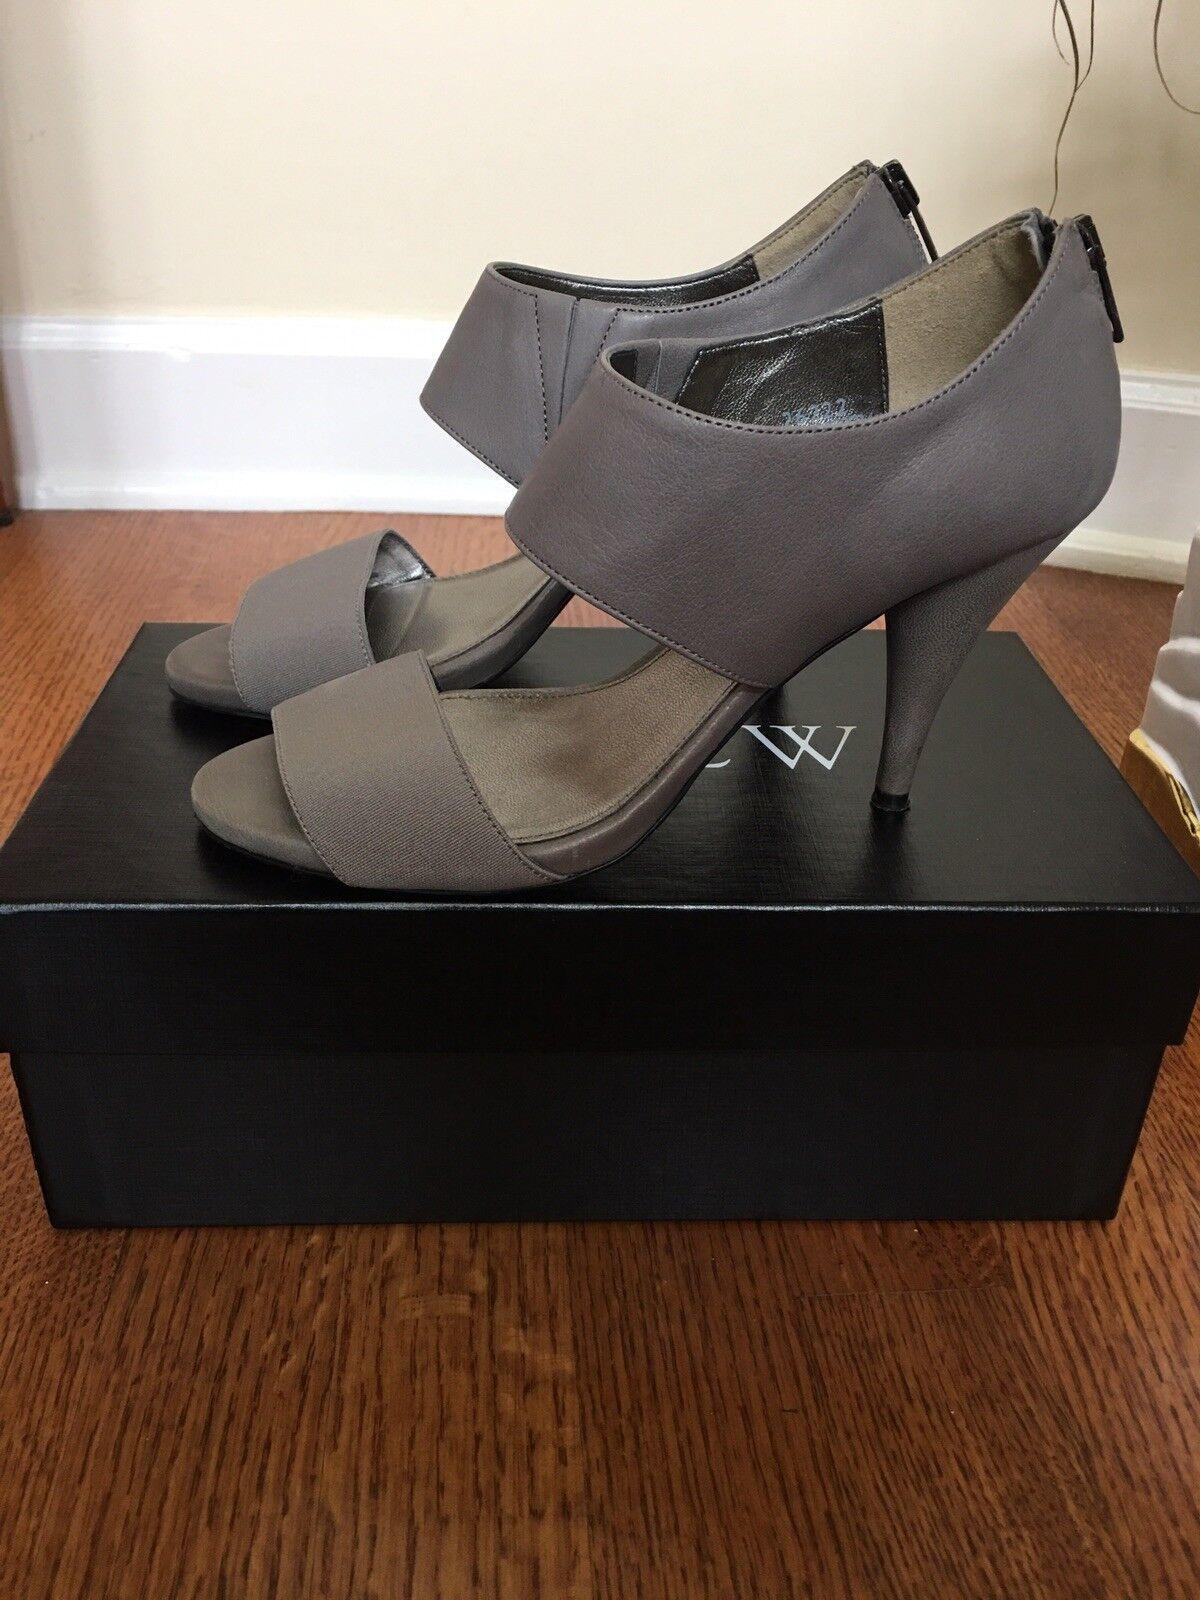 JCrew Demetra Leather, Heels, grau Leather, Demetra 6 b5425f